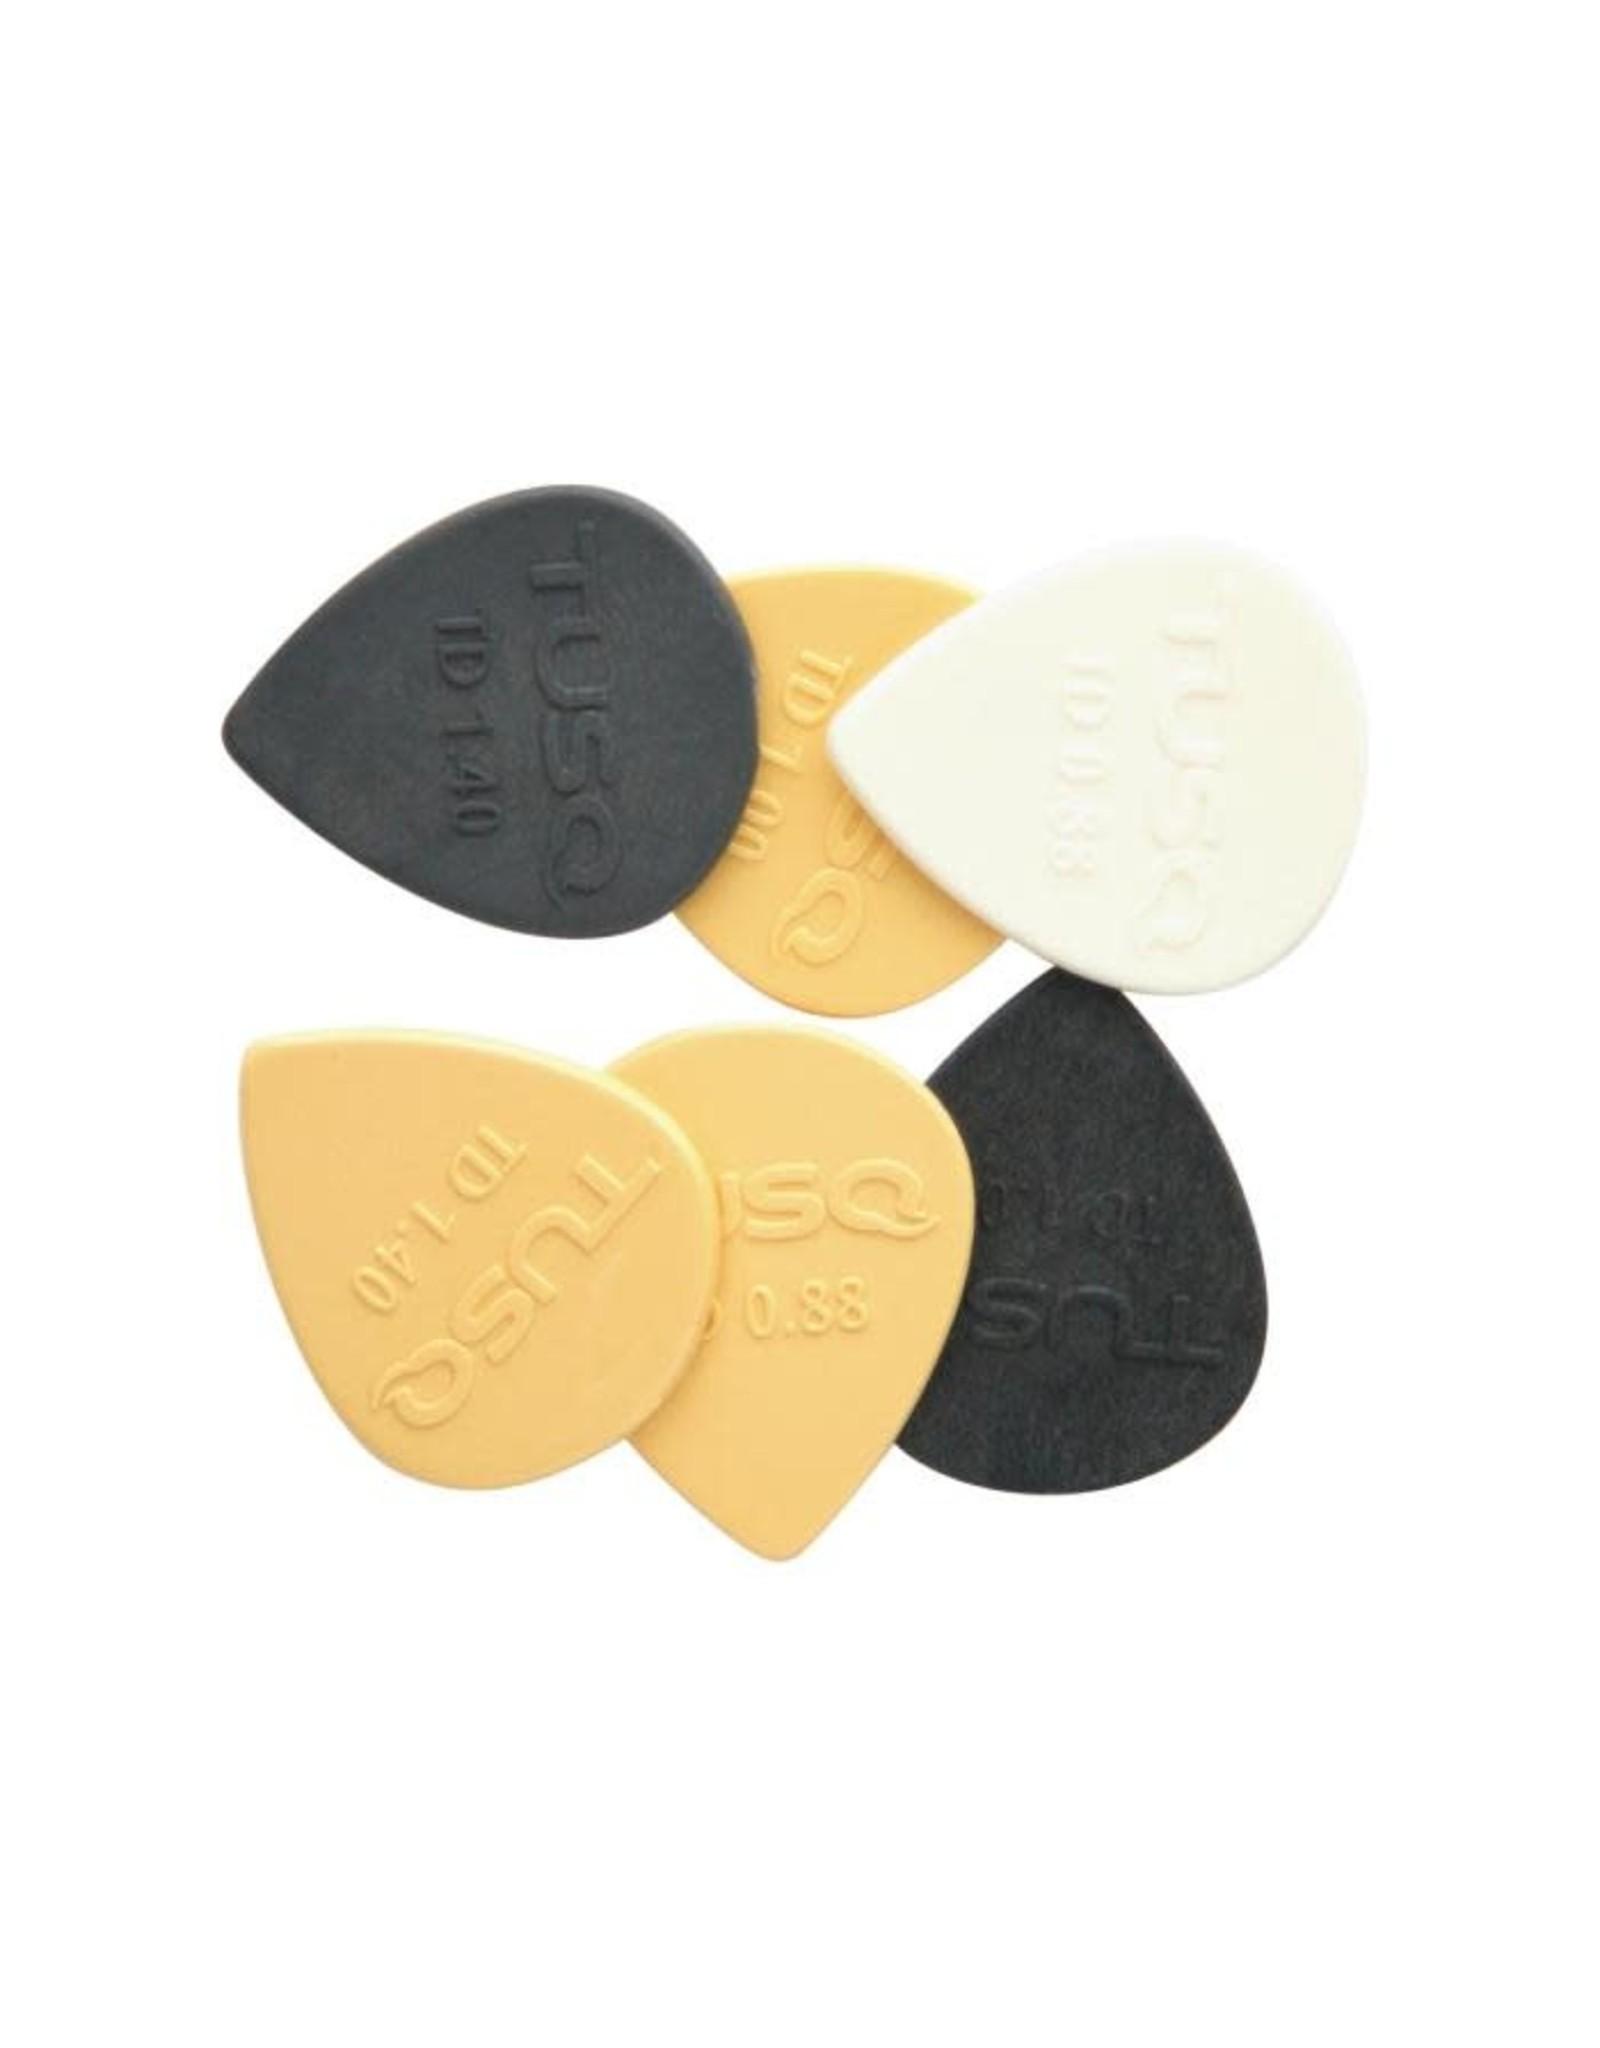 TUSQ TUSQ Standard Pick Mixed 6 Pack Tear Drop